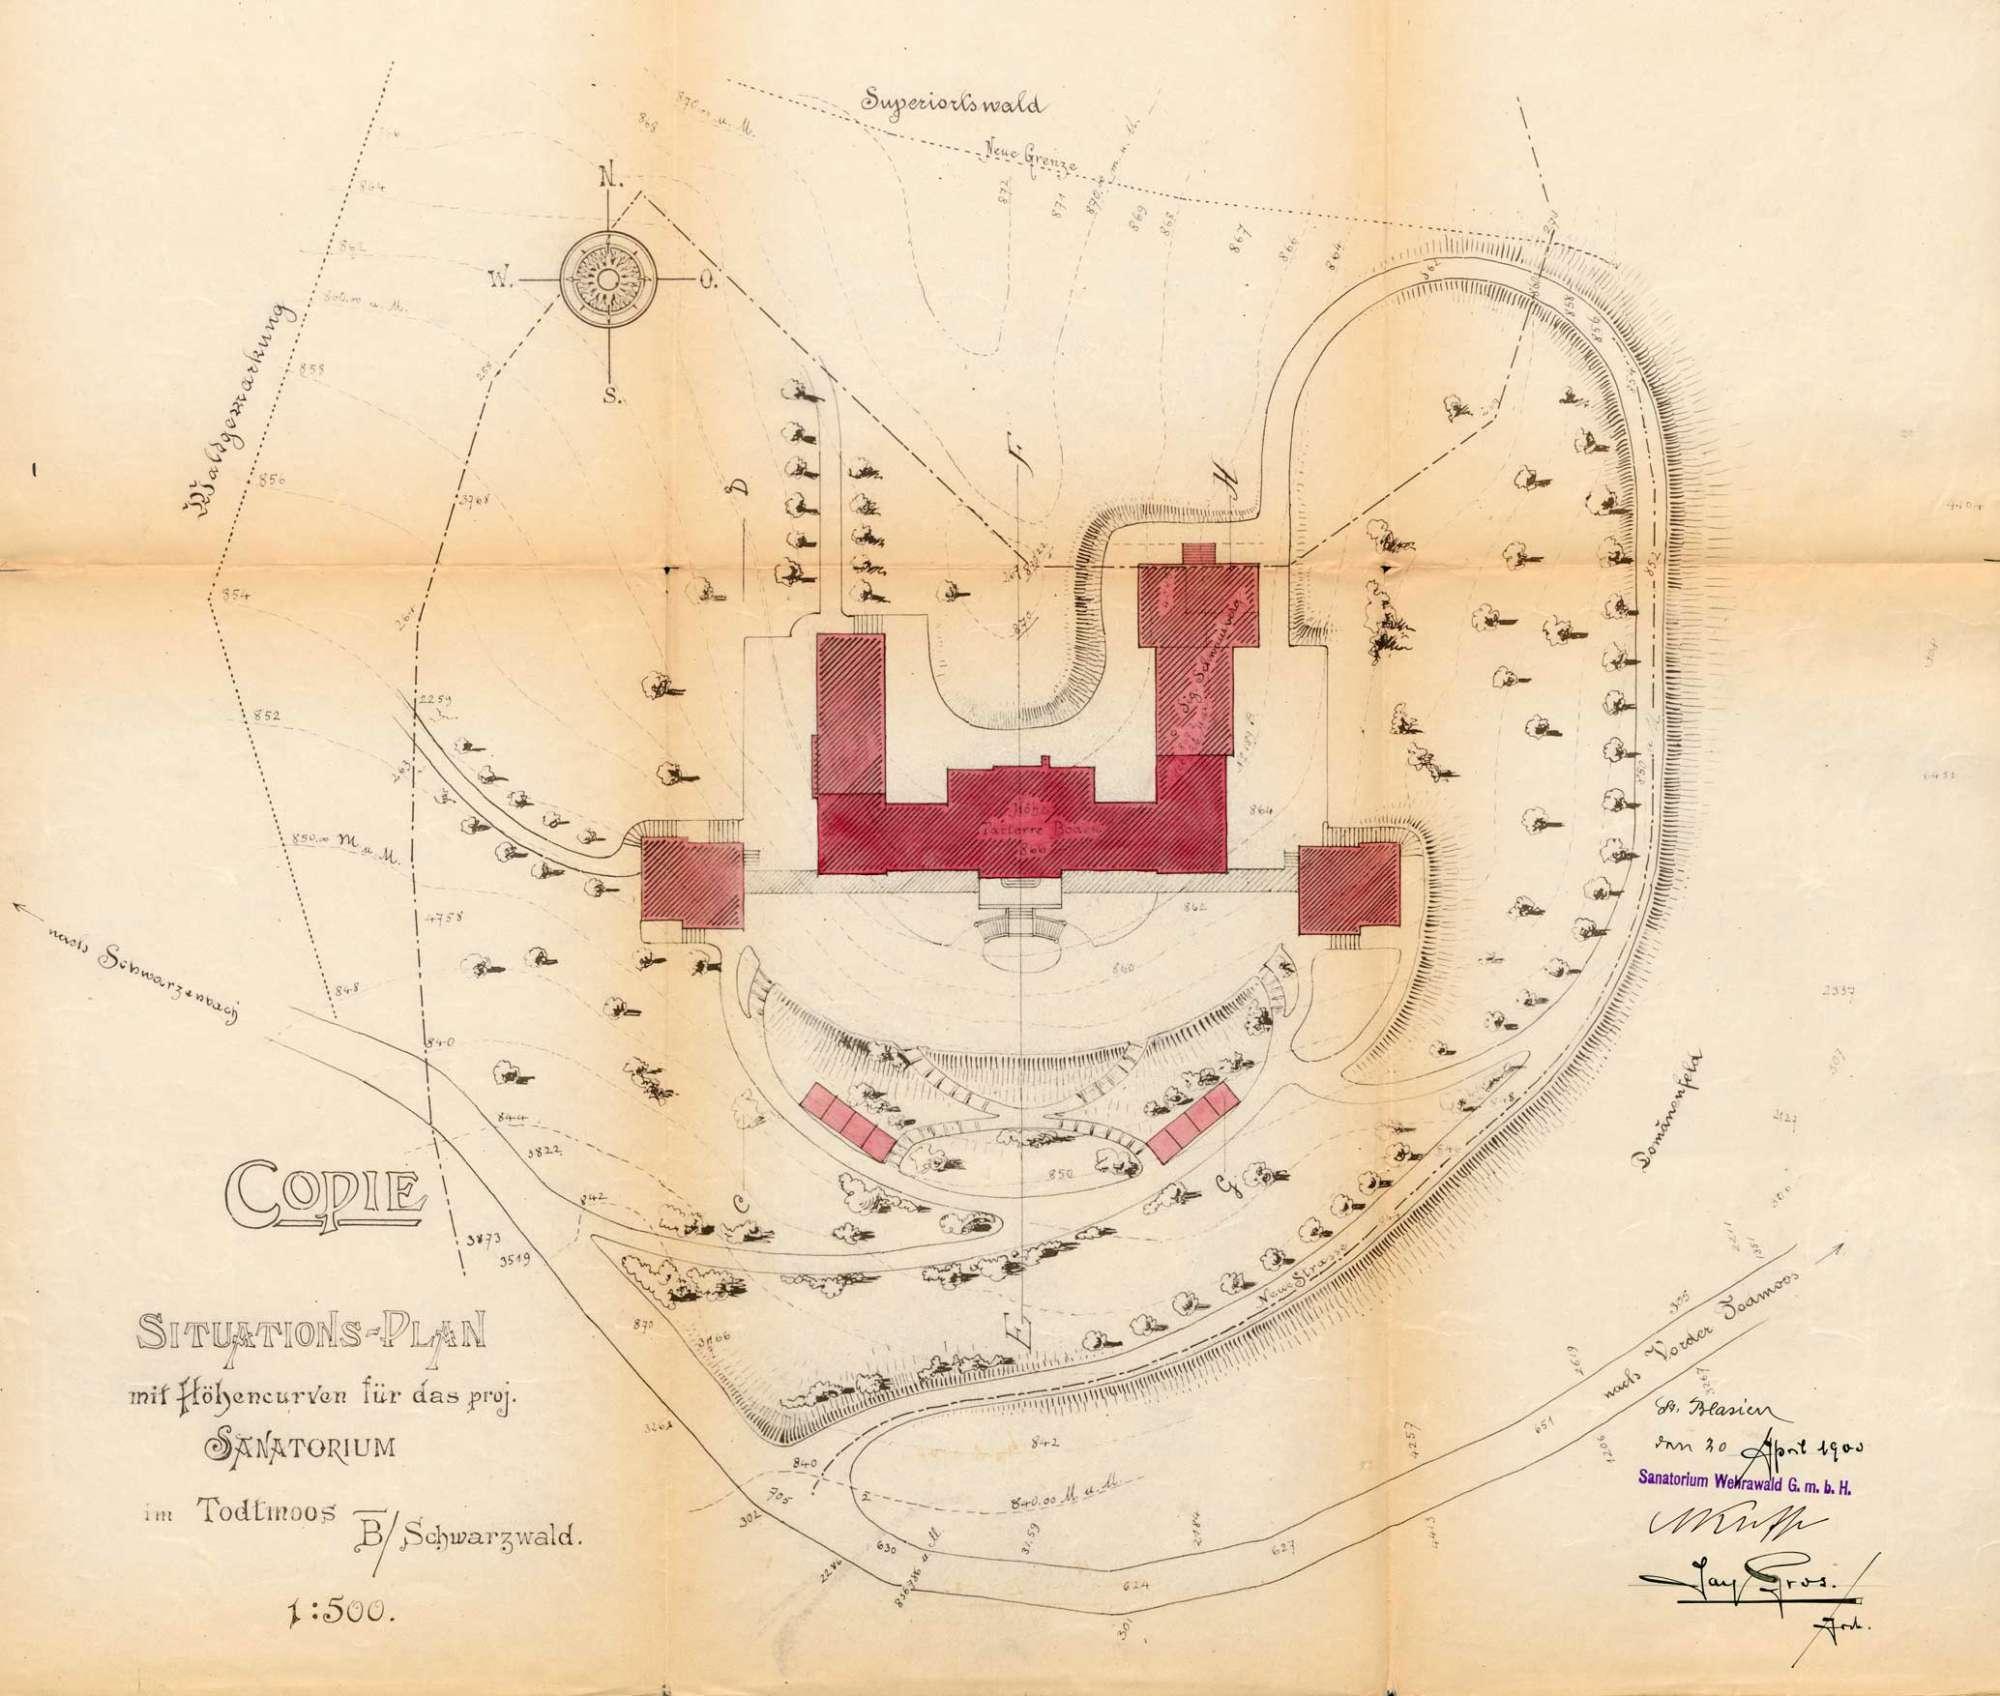 Pläne des Sanatoriums Wehrawald in St. Blasien zur Errichtung einer Kläranlage zum Betrieb einer Lungenheilanstalt in Todtmoos, Bild 1